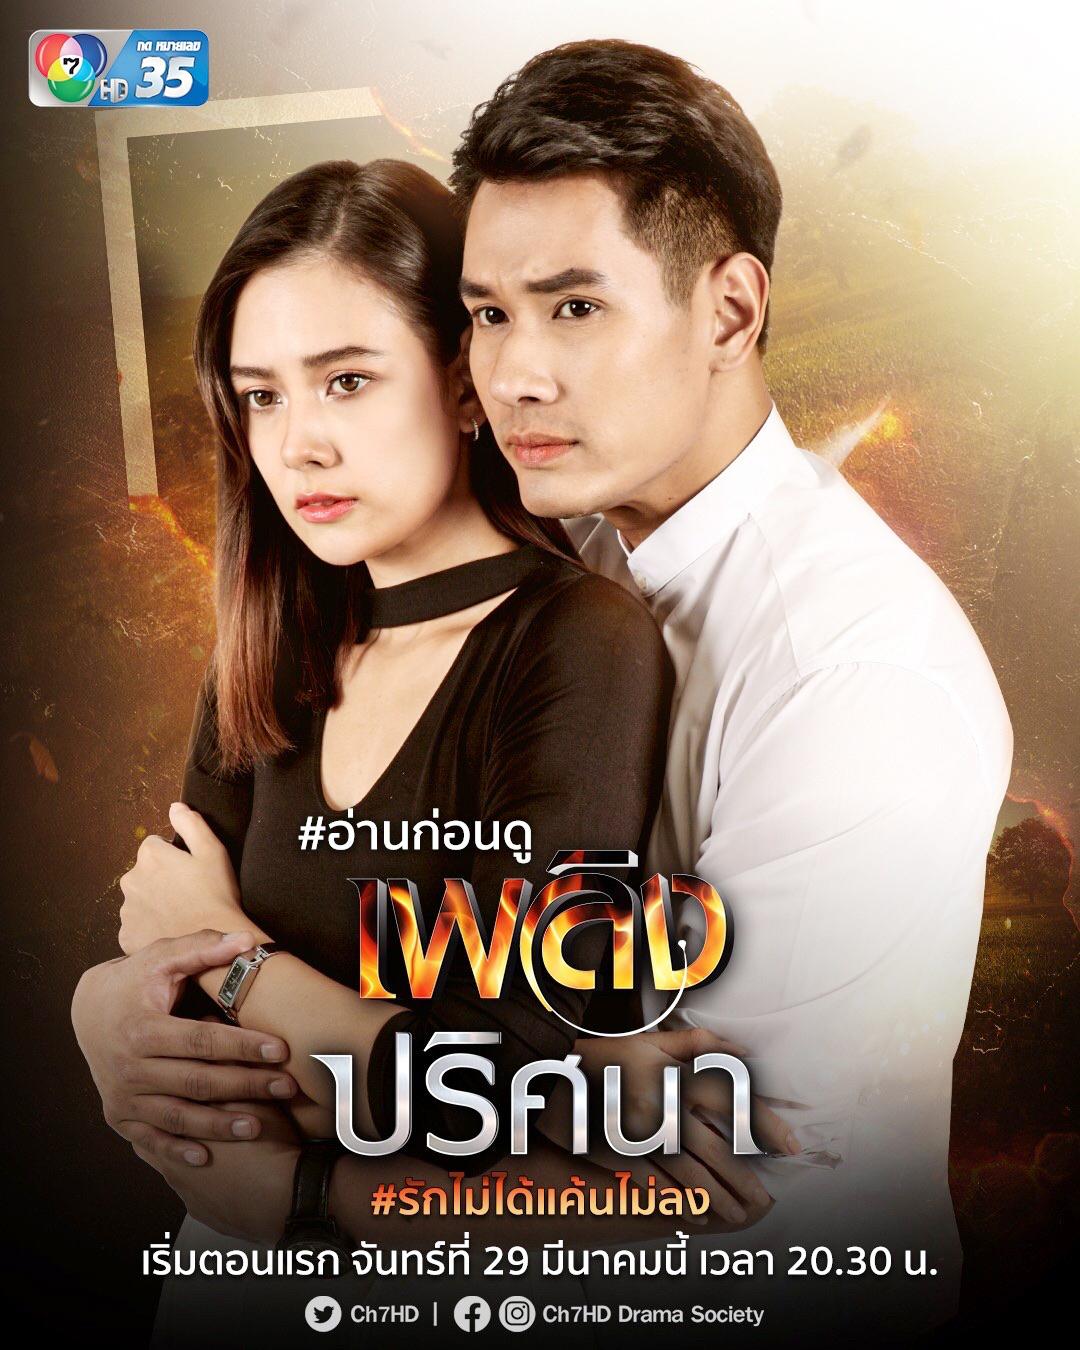 Plerng Prissana ep 13 | เพลิงปริศนา | Thai Drama | thaidrama | thailakorn | thailakornvideos | thaidrama2021 | malimar tv | meelakorn | lakornsod | klook | seesantv | viu | raklakorn | dramacool Best